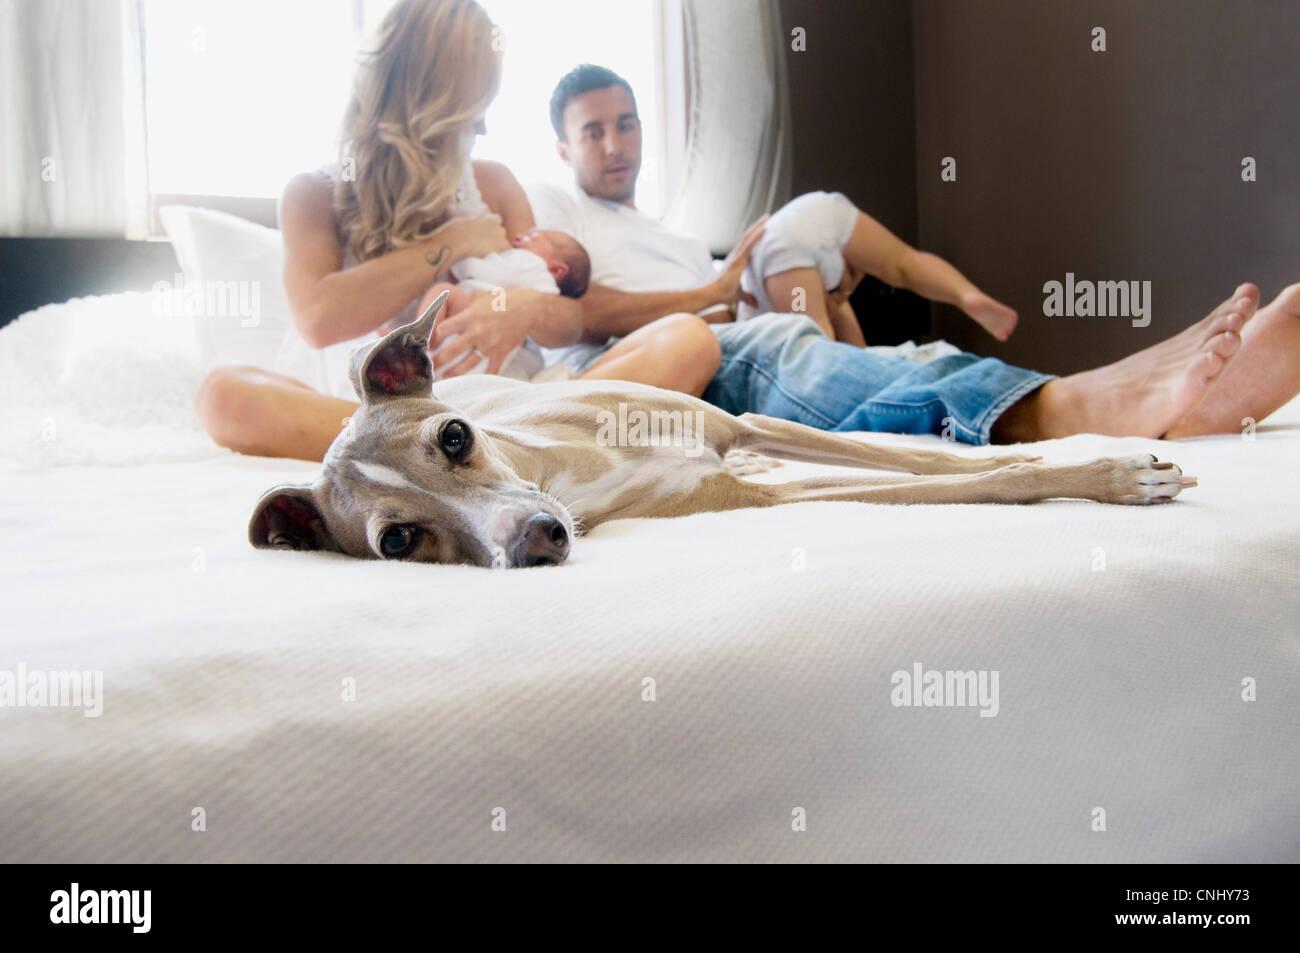 Perro de la familia y con la pareja con bebés en la cama Imagen De Stock